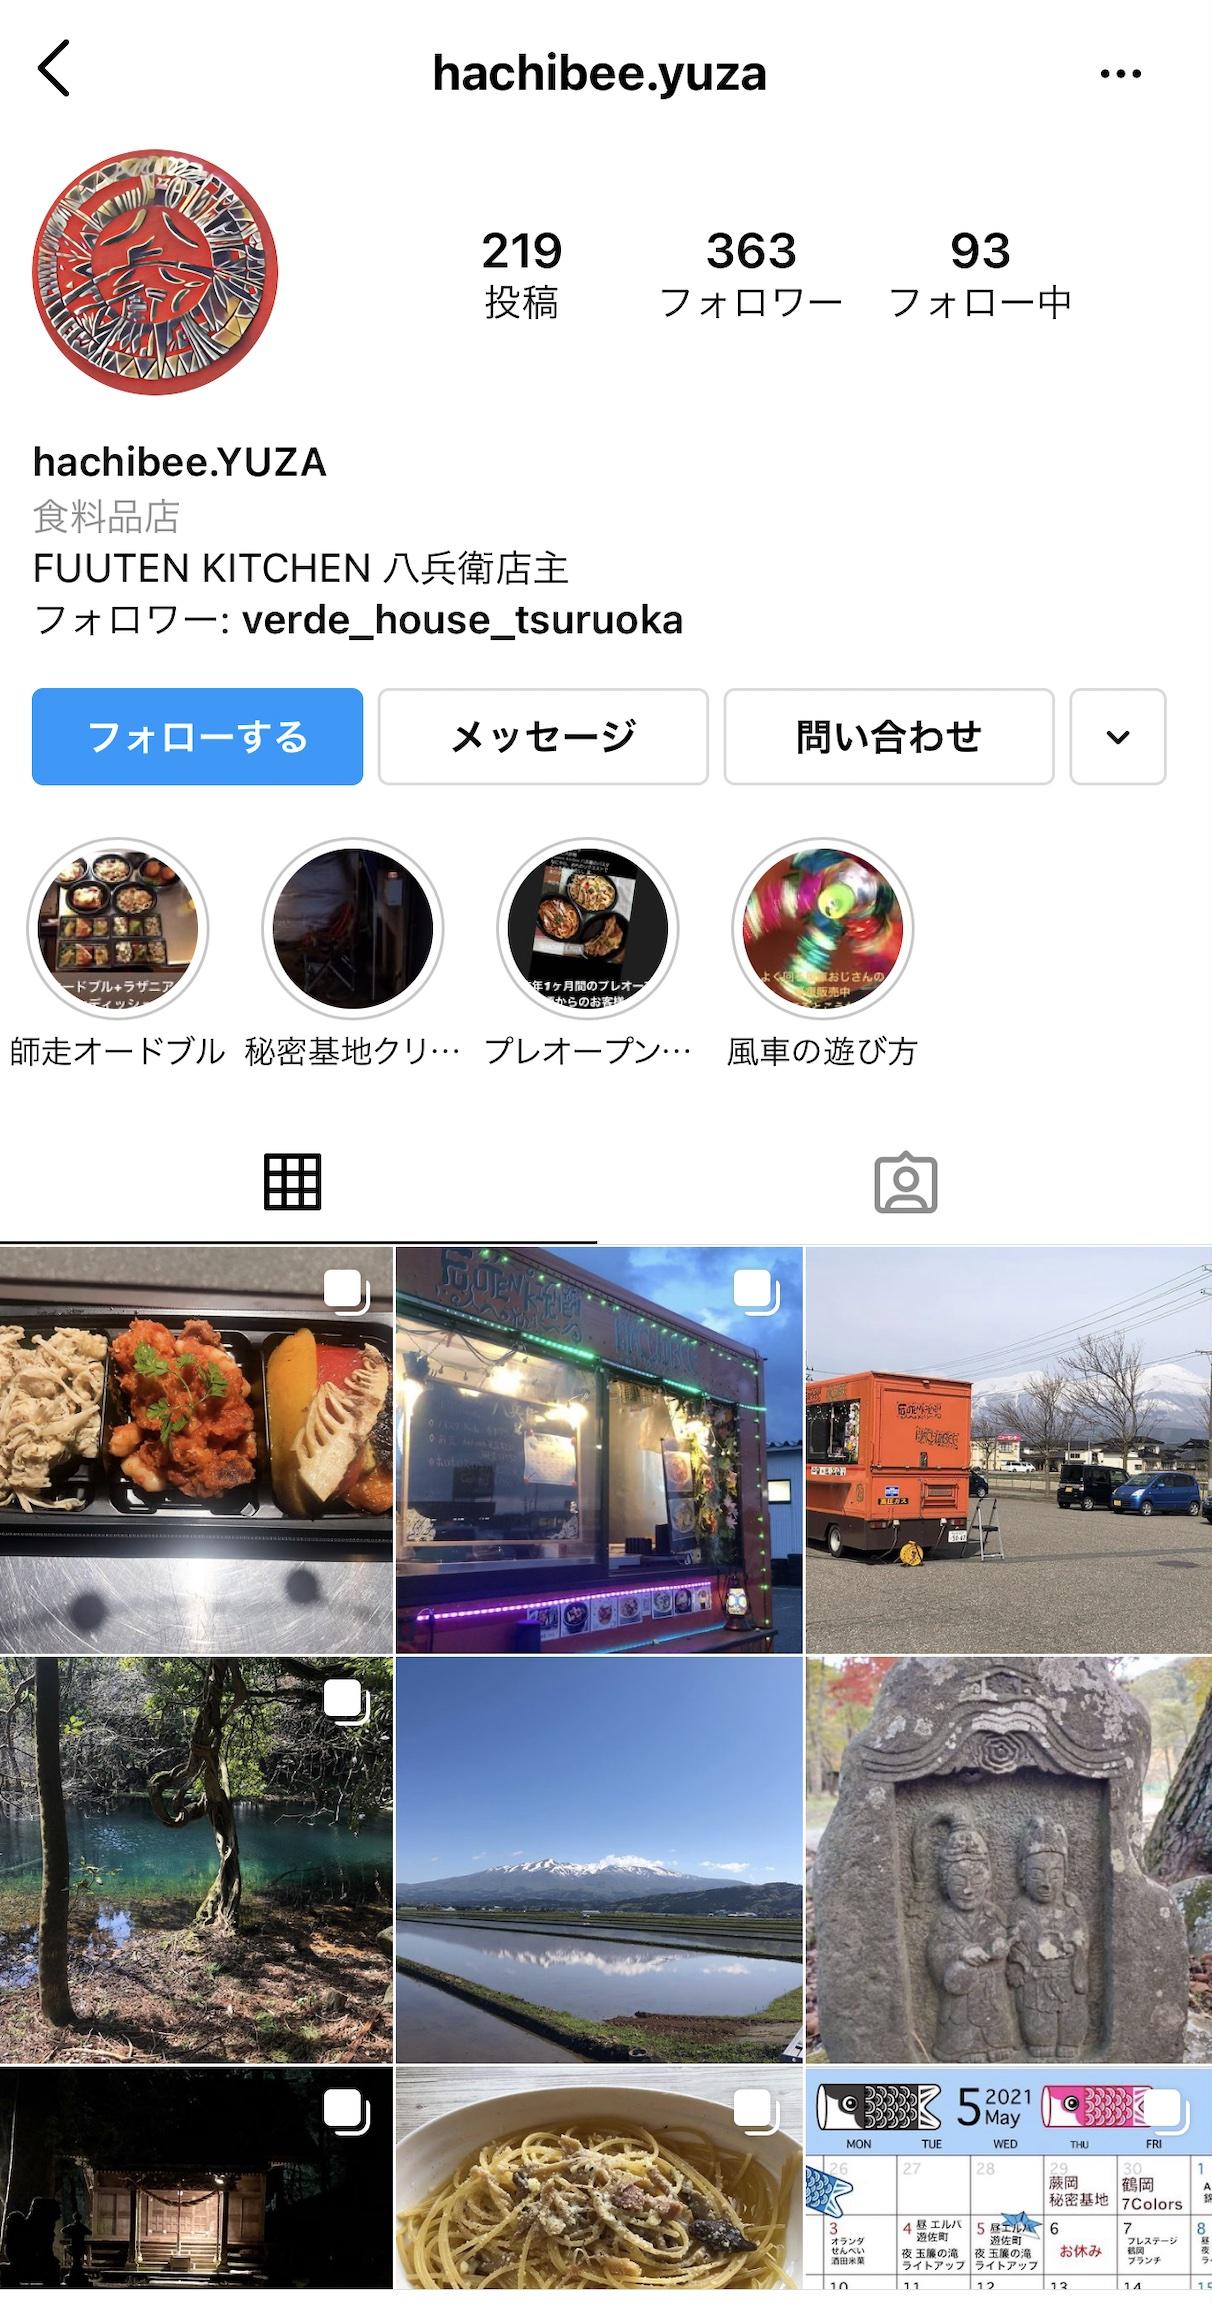 【GS】出店情報 Fuuten kitchen八兵衛様